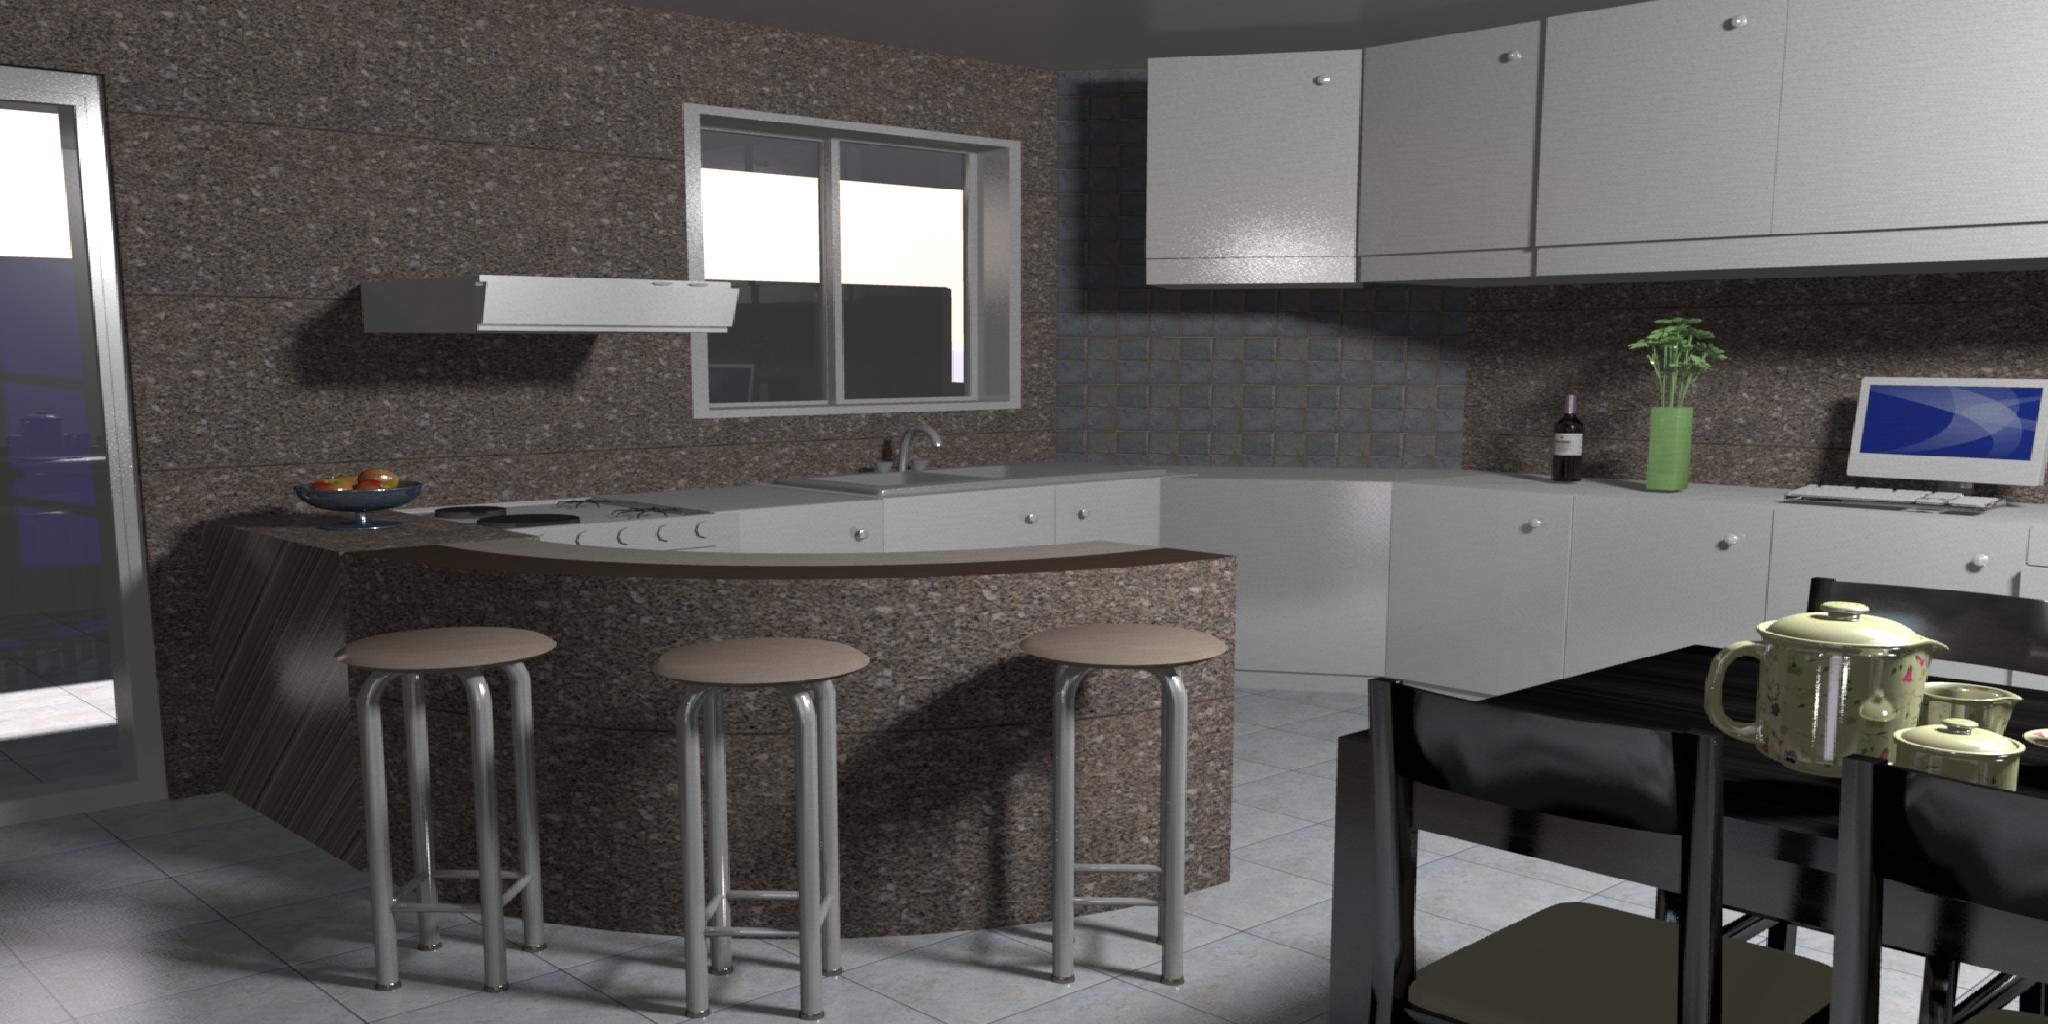 Cozinha - Apto edifício JV Bom Jardim de Minas - MG